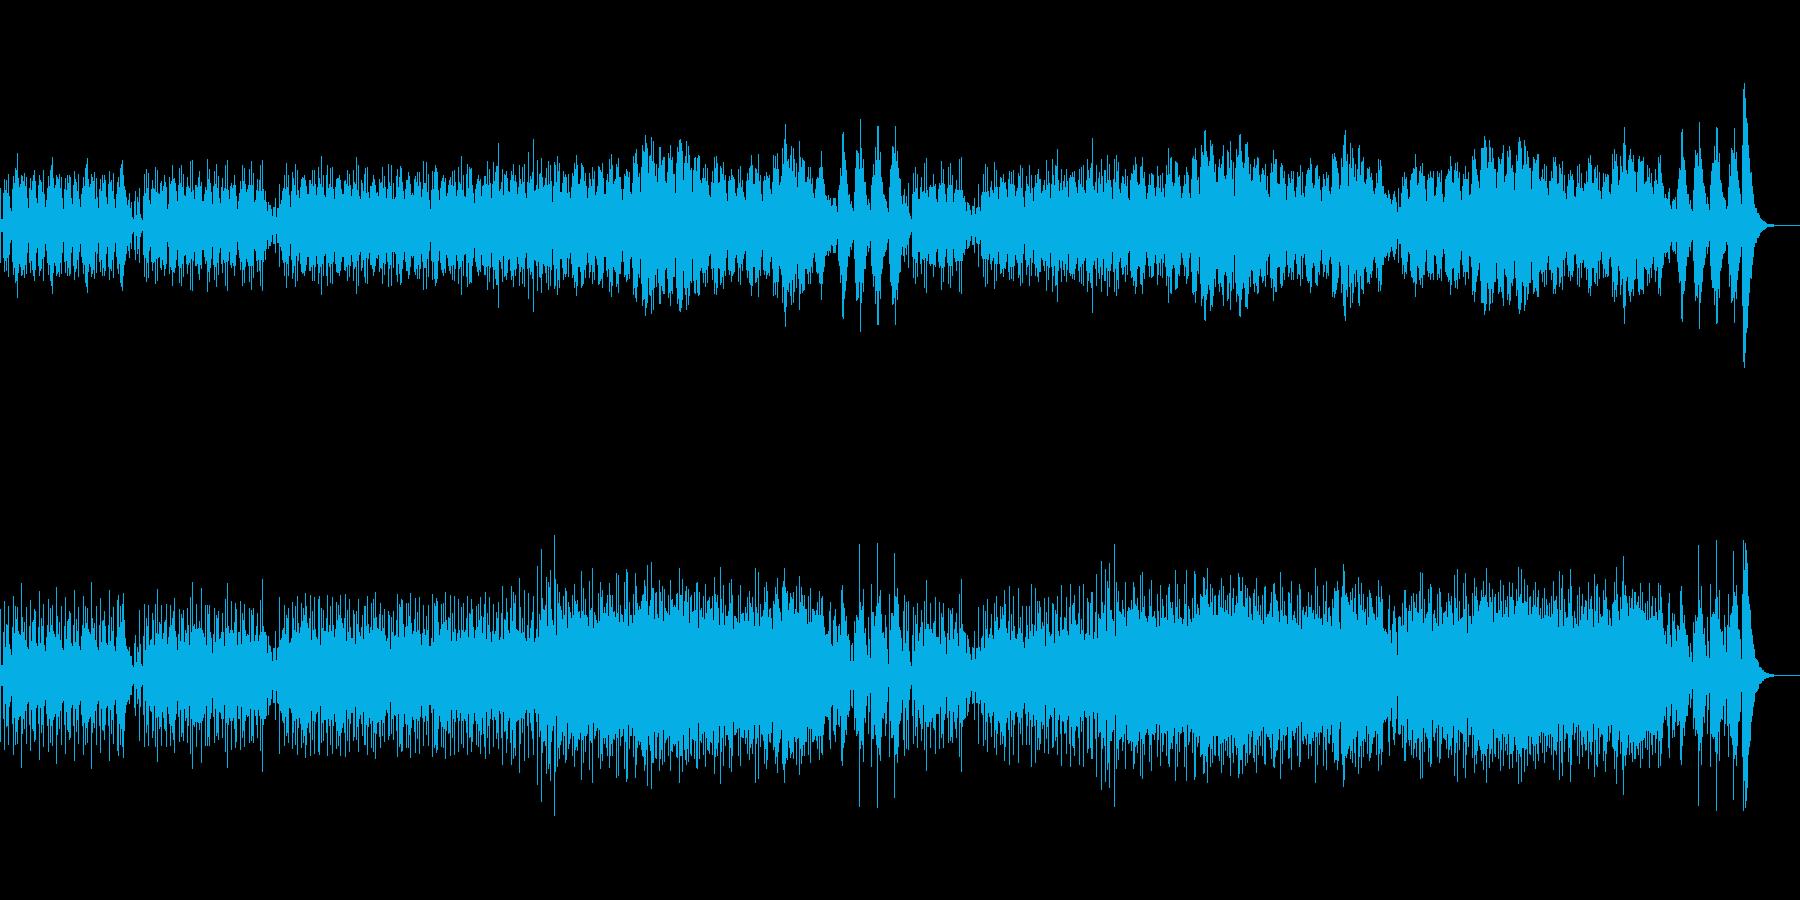 ドワーフの村に使えそうなBGMの再生済みの波形